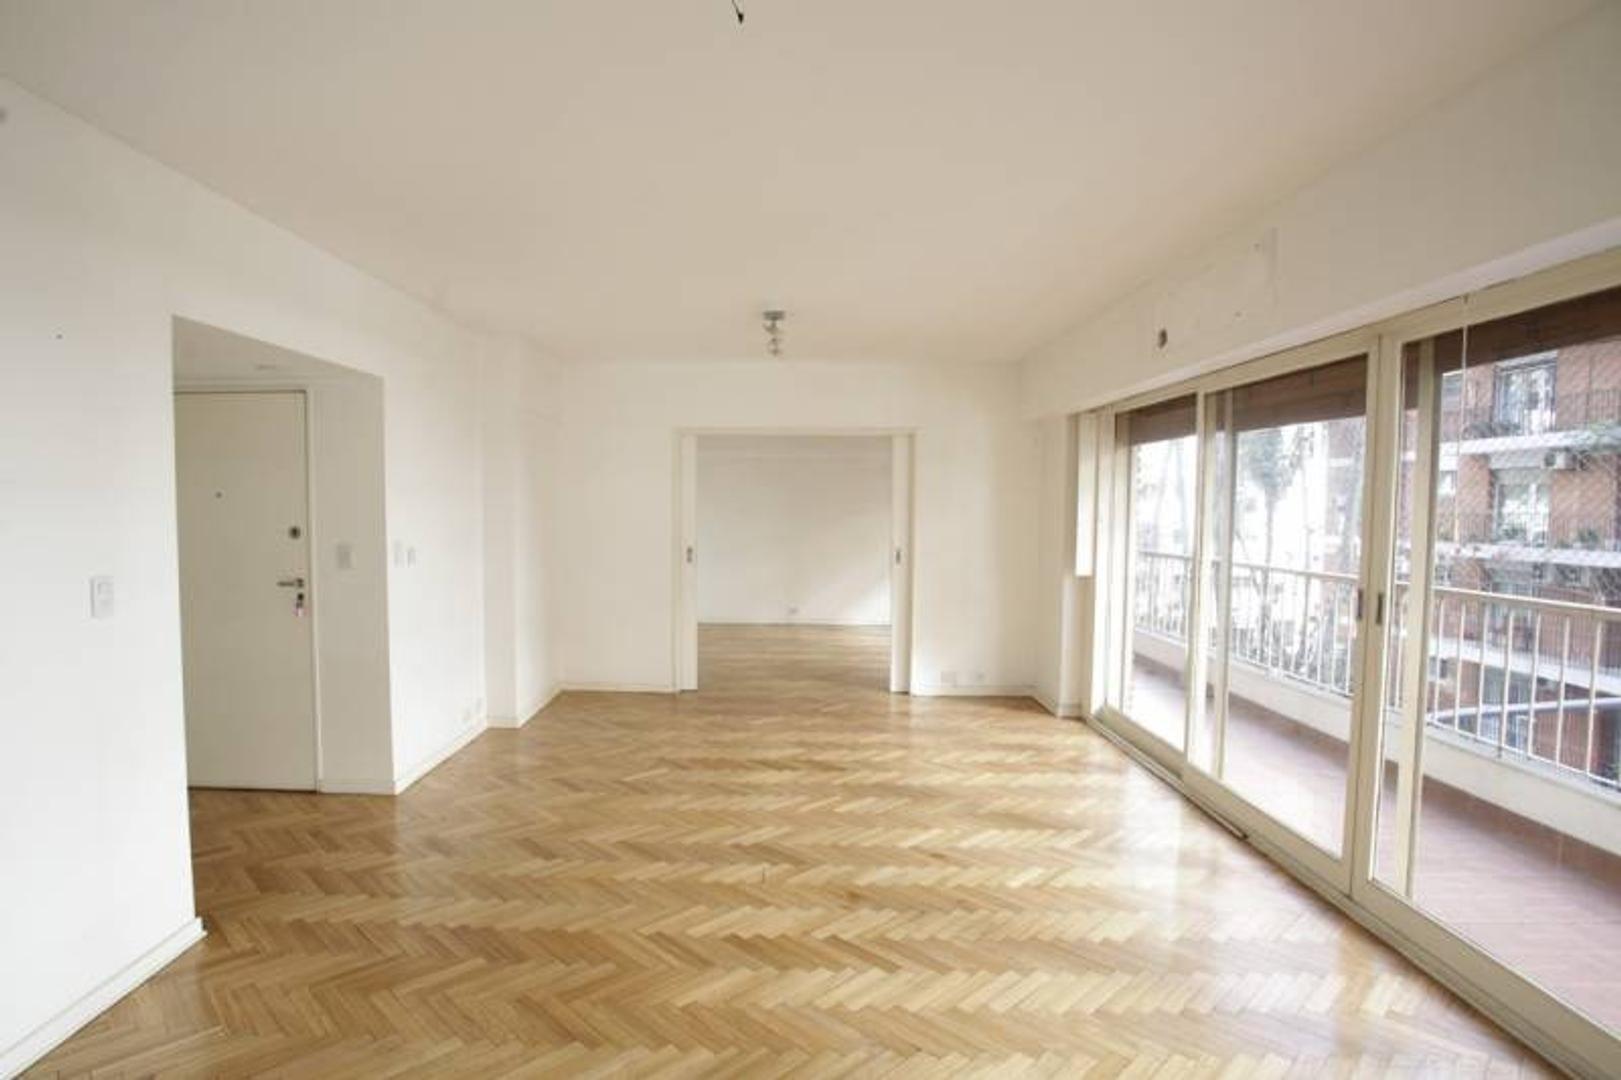 Excelente piso de 3 o 4 dormitorios c/dep en torre - Inmejorable ubicación